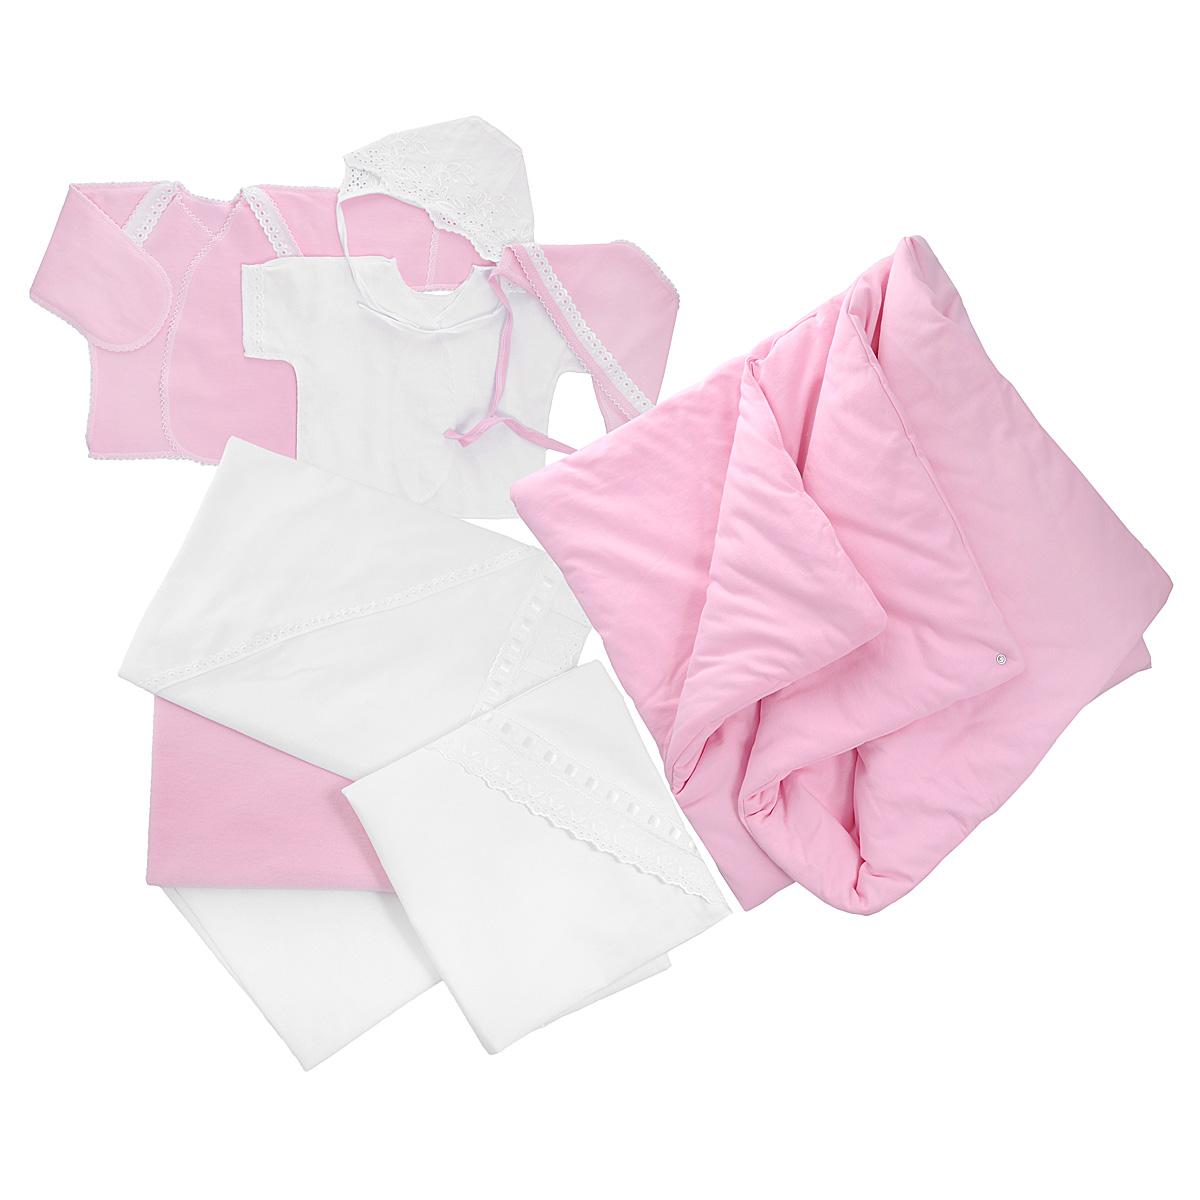 Комплект одежды3476Комплект для новорожденного Трон-плюс - это замечательный подарок, который прекрасно подойдет для первых дней жизни ребенка. Комплект состоит из двух распашонок, двух чепчиков, уголка, двух пеленок, пододеяльника и одеяла. Комплект изготовлен из натурального хлопка, благодаря чему он необычайно мягкий и приятный на ощупь, не сковывает движения младенца и позволяет коже дышать, не раздражает даже самую нежную и чувствительную кожу ребенка, обеспечивая ему наибольший комфорт. Легкая распашонка с короткими рукавами выполнена швами наружу. Изделие украшено вышивкой, а рукава декорированы ажурными рюшами и петельками. Теплая распашонка с запахом выполнена швами наружу. Декорирована распашонка ажурными рюшами. А благодаря рукавичкам ребенок не поцарапает себя. Ручки могут быть как открытыми, так и закрытыми. Чепчик защищает еще не заросший родничок, щадит чувствительный слух малыша, прикрывая ушки, и предохраняет от теплопотерь. Комплект содержит два чепчика: один -...